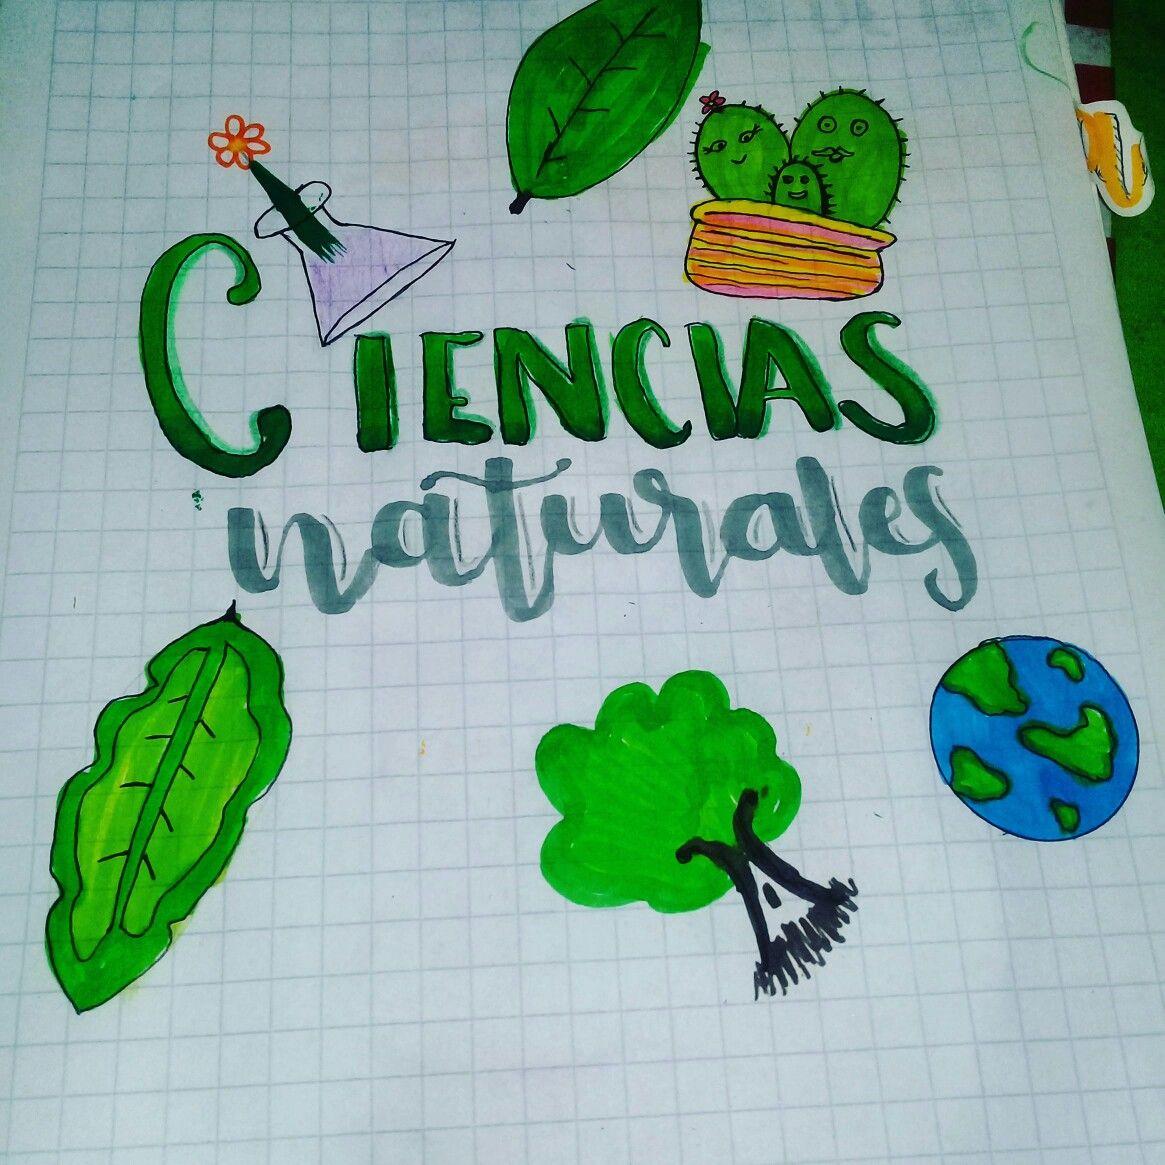 Portada Facil De Ciencias Naturales Caratulas De Ciencias Naturales Dibujos De Ciencias Naturales Portada De Cuaderno De Ciencias